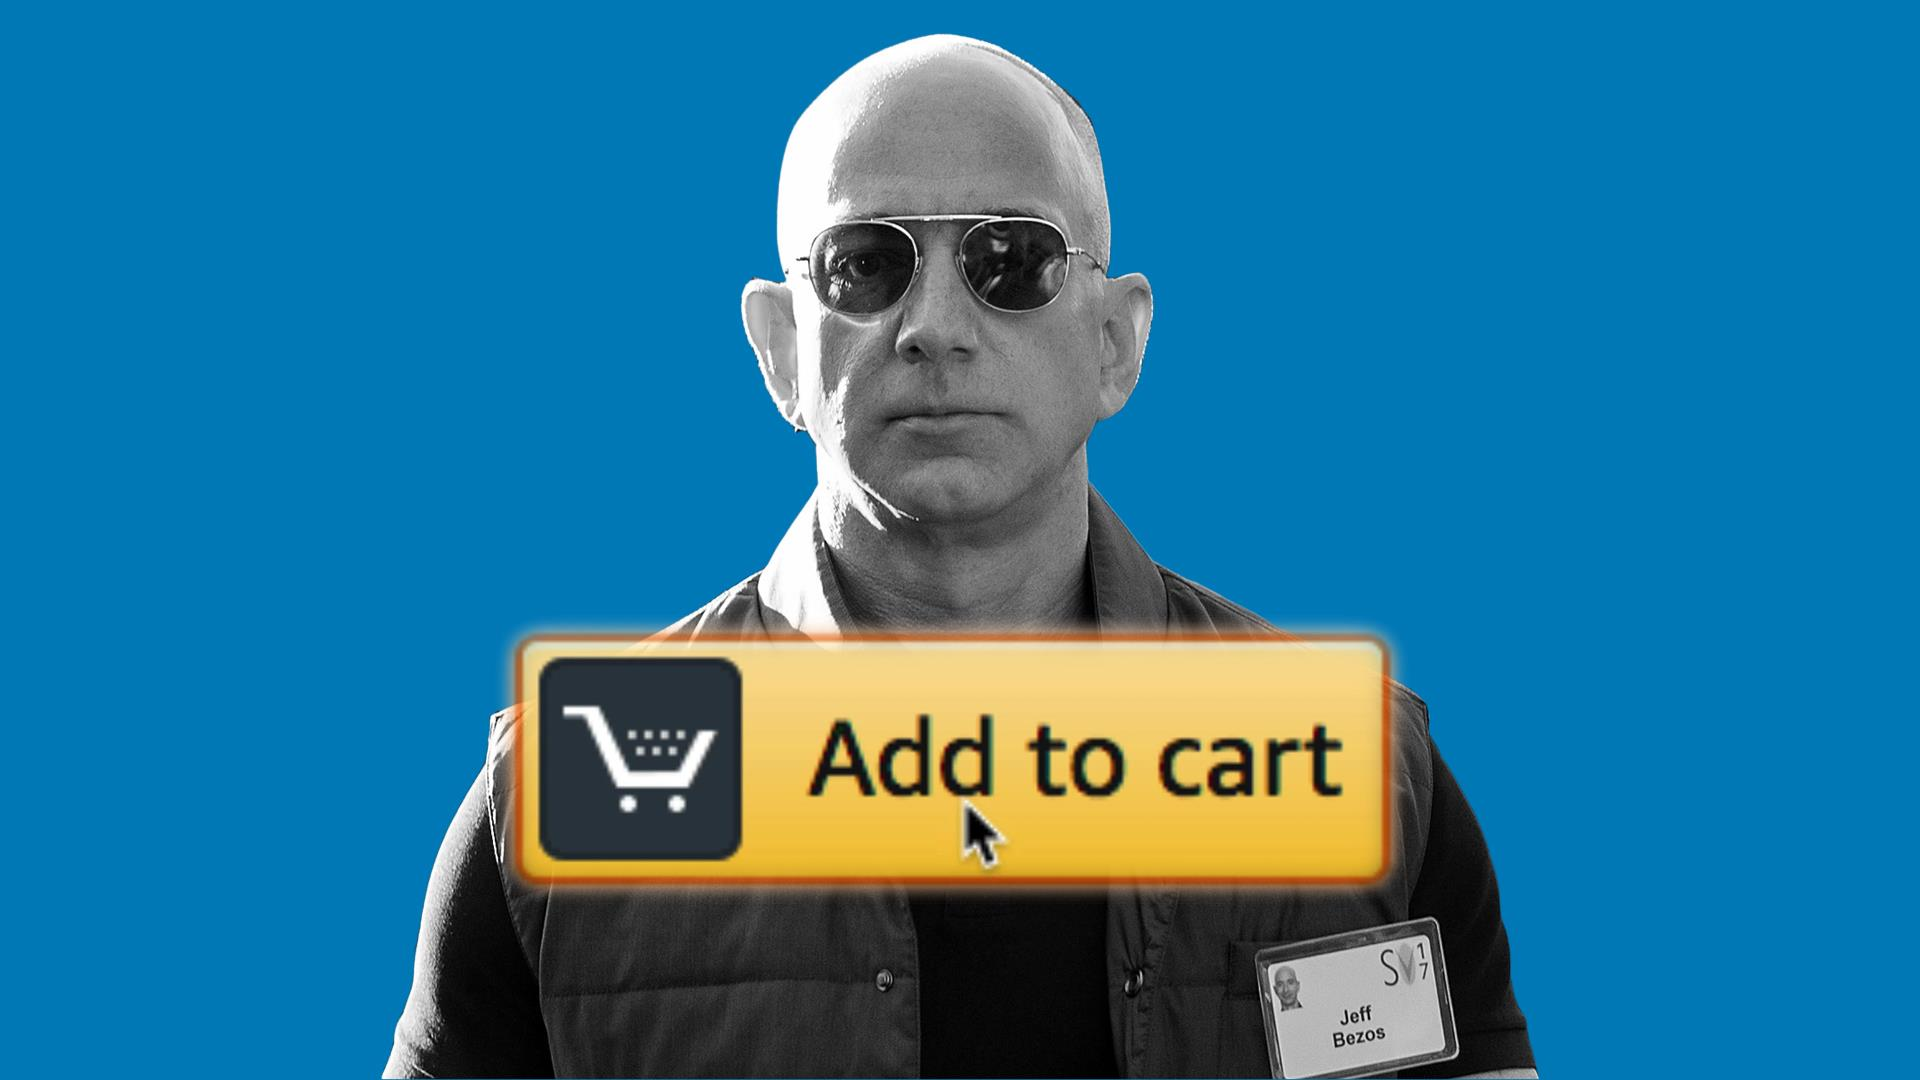 Американцы назвали Amazon своей самой любимой компанией. Почему? - 1